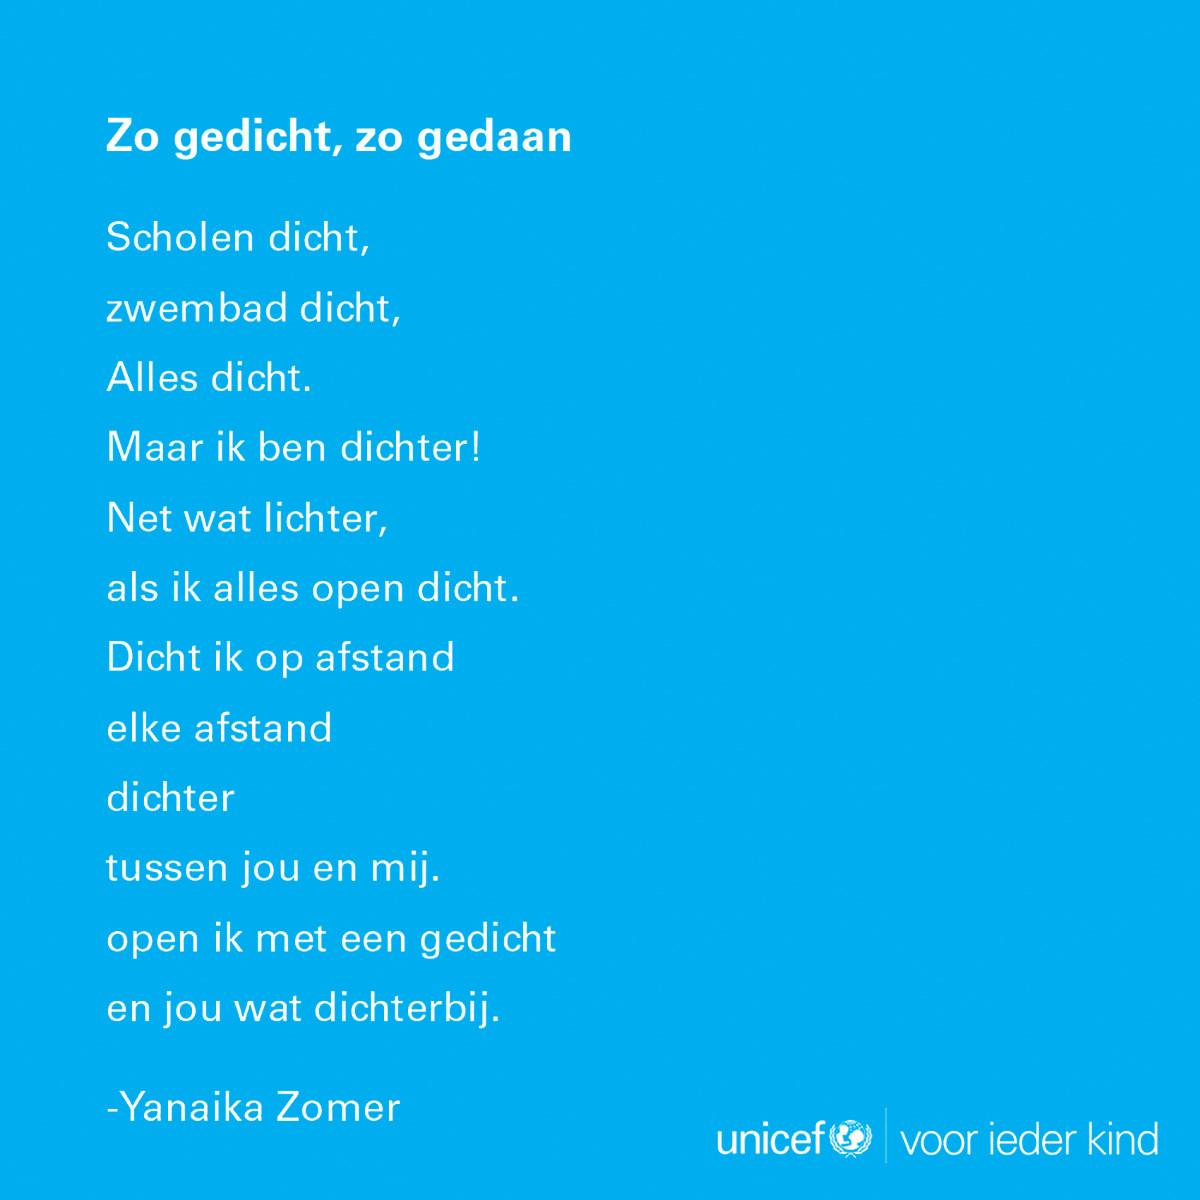 Gedicht Over 40 Jaar Worden